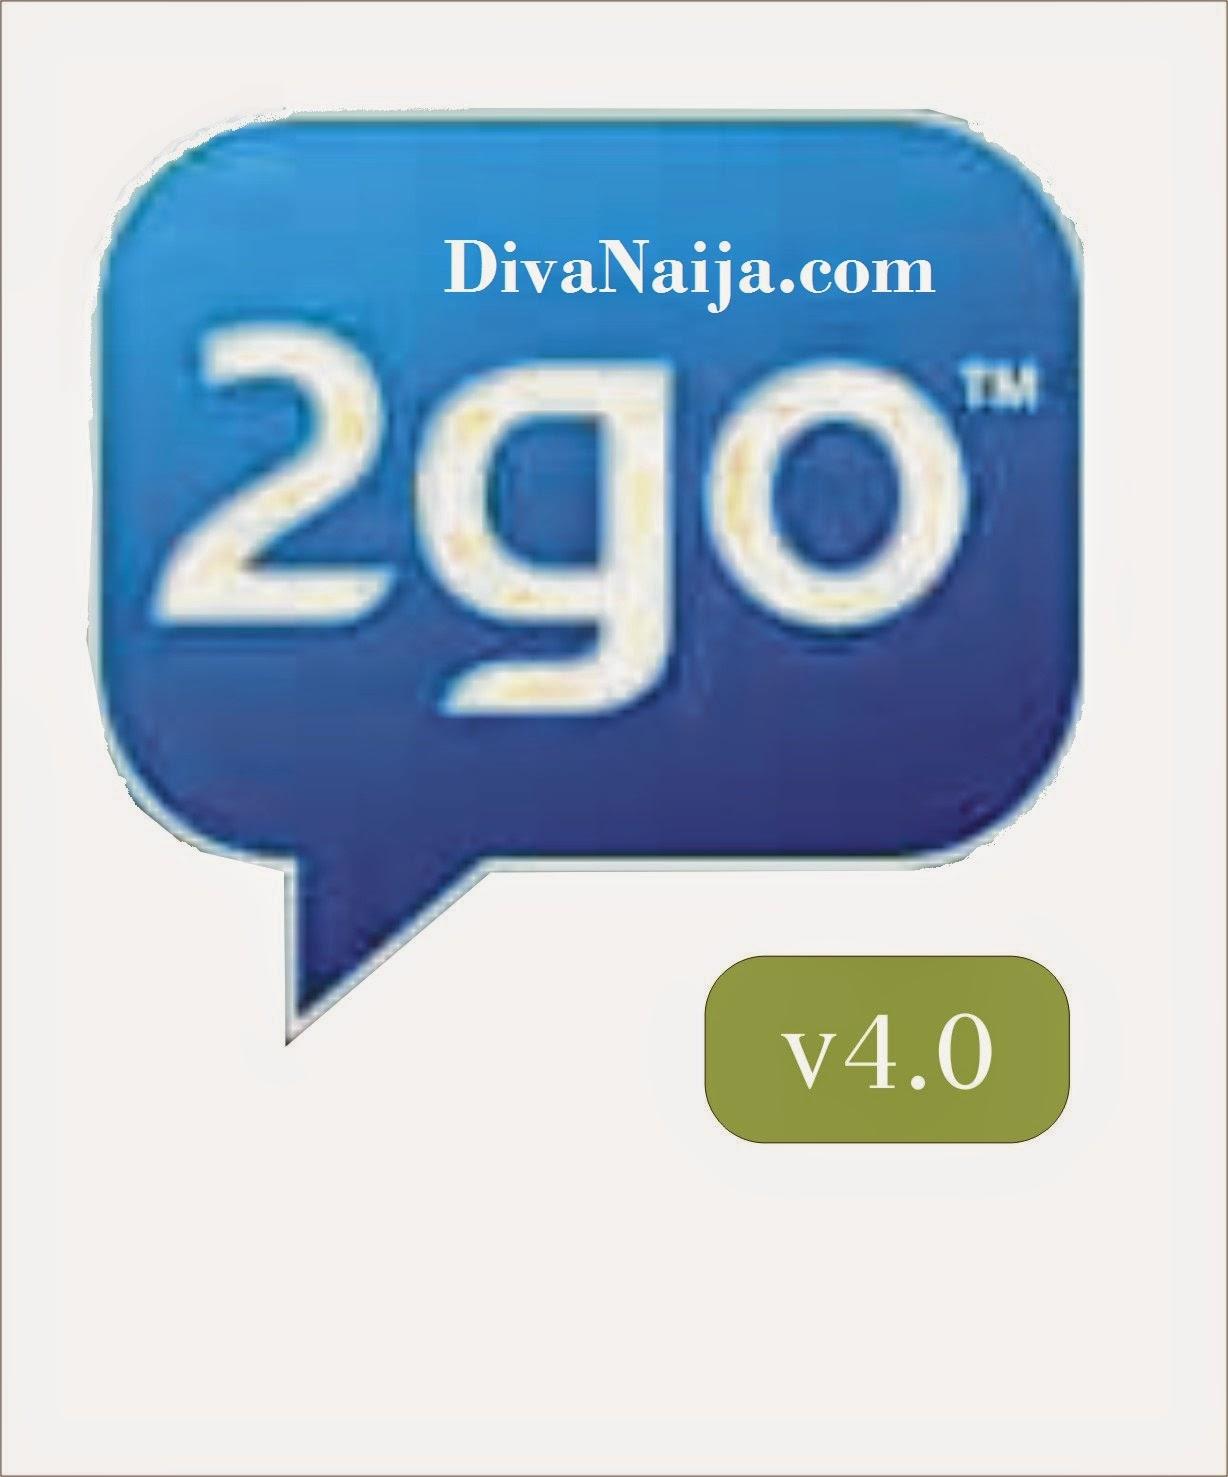 Tele Chat APK Latest Version Download - APKPurebiz